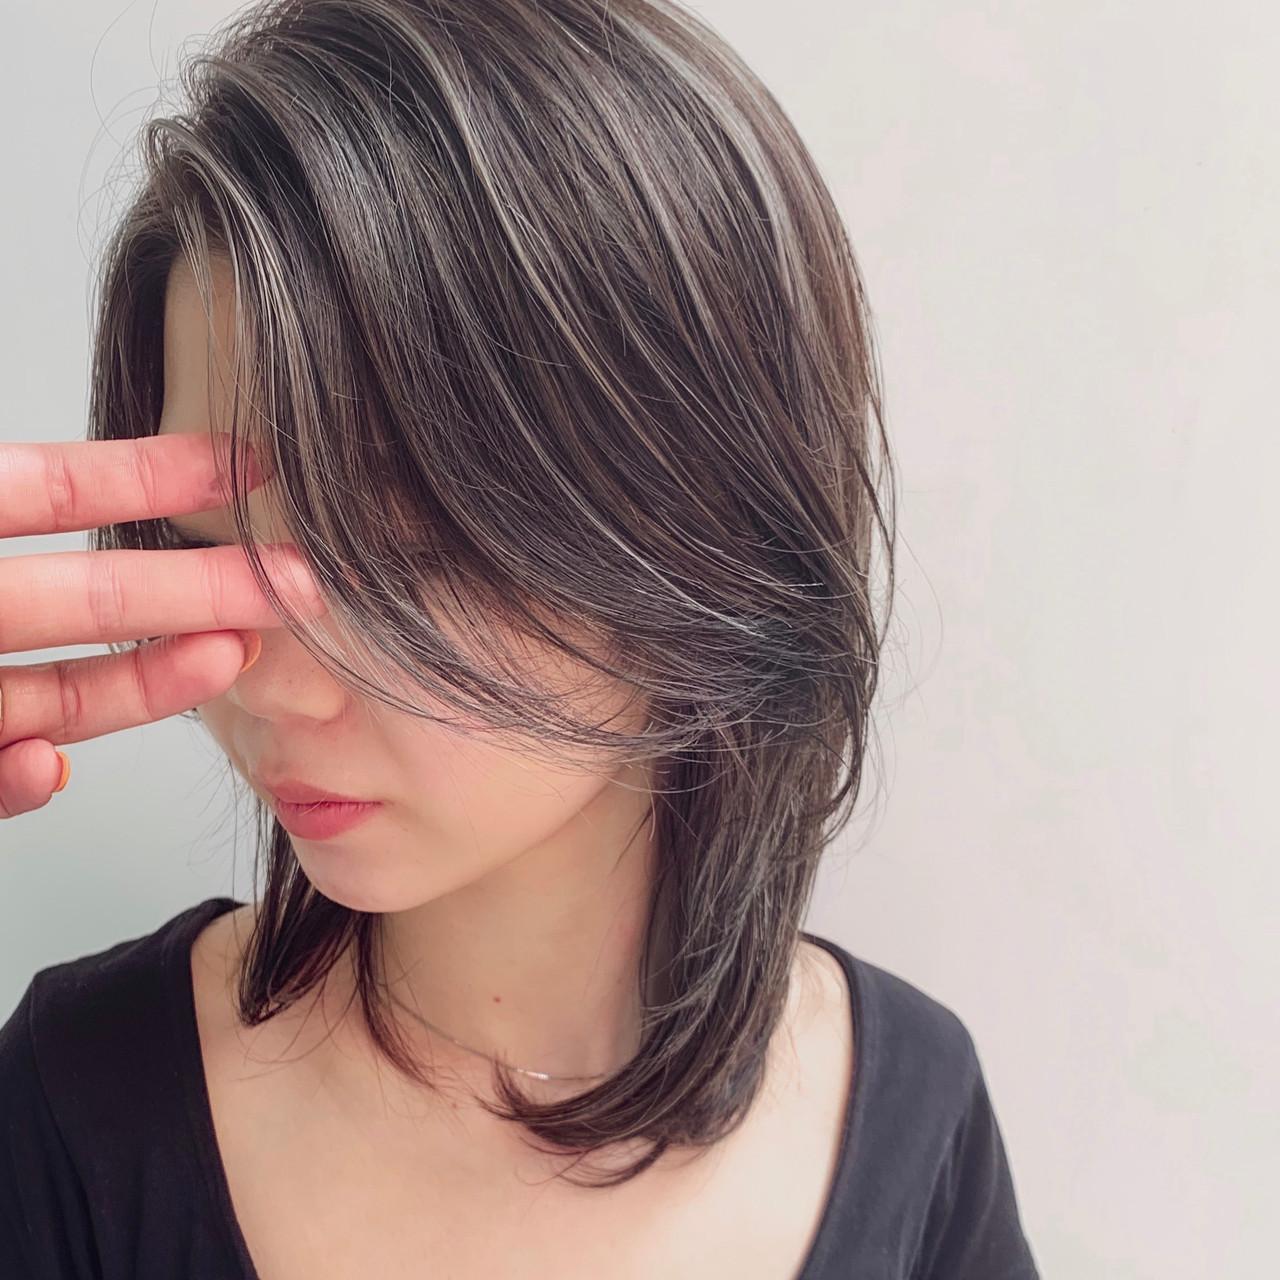 大人ハイライト ミディアム ハイライト ウルフカット ヘアスタイルや髪型の写真・画像